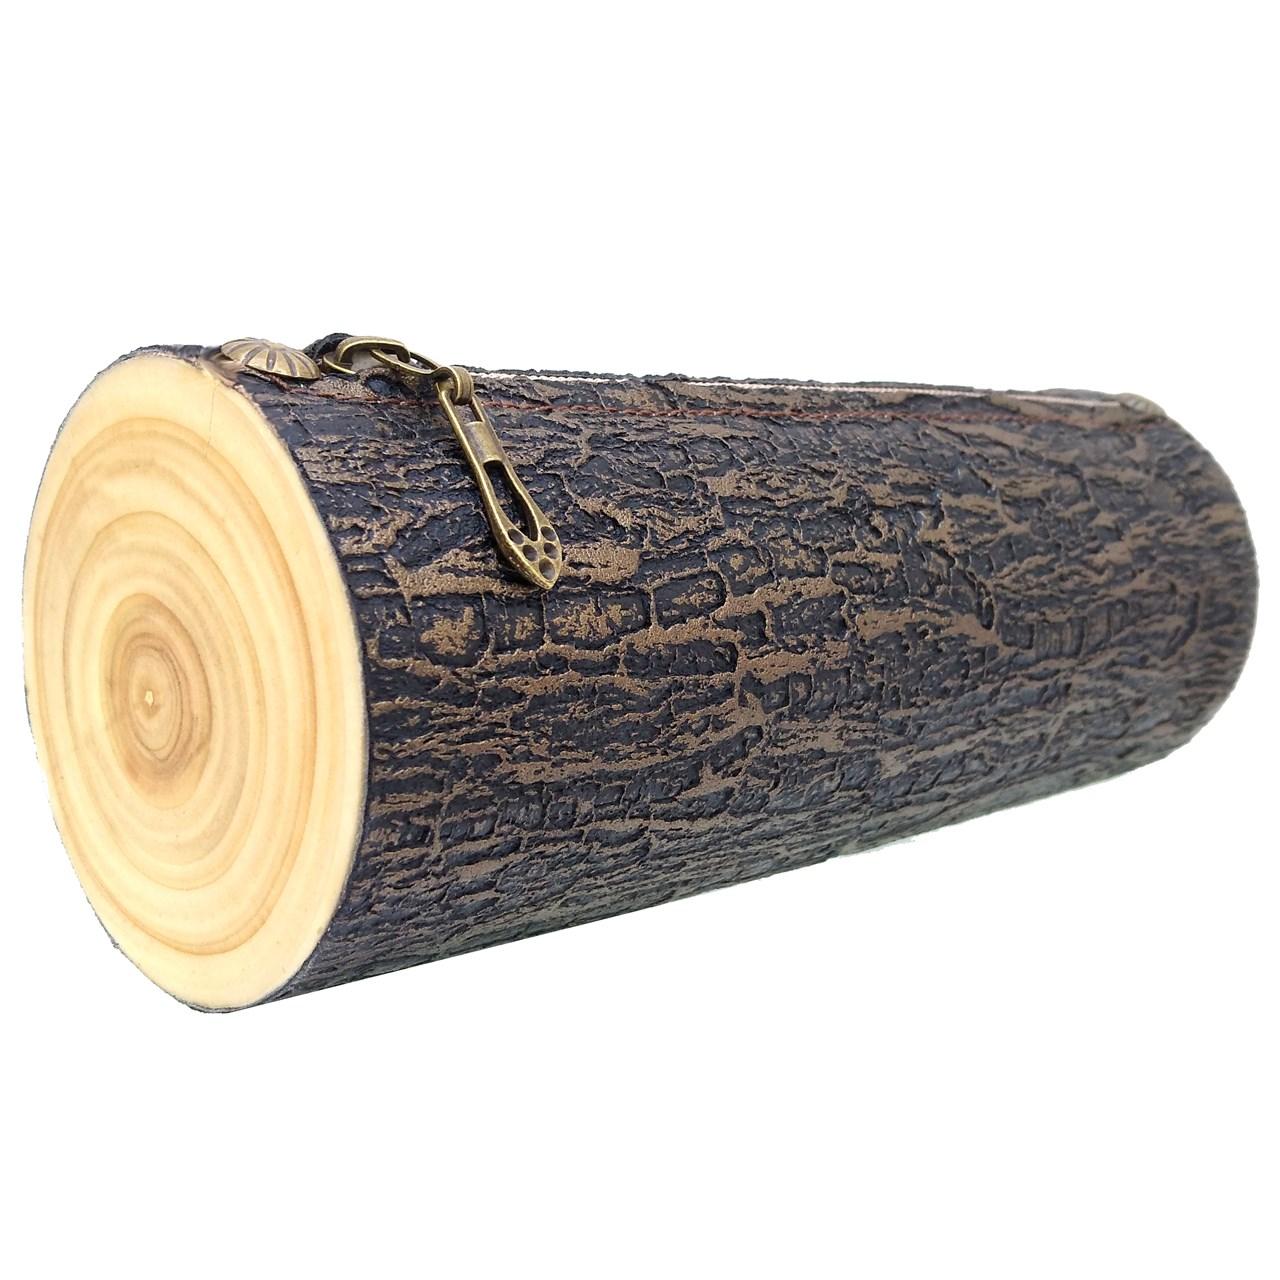 کیف لوازم آرایش آواک طرح کنده درخت مدل 103